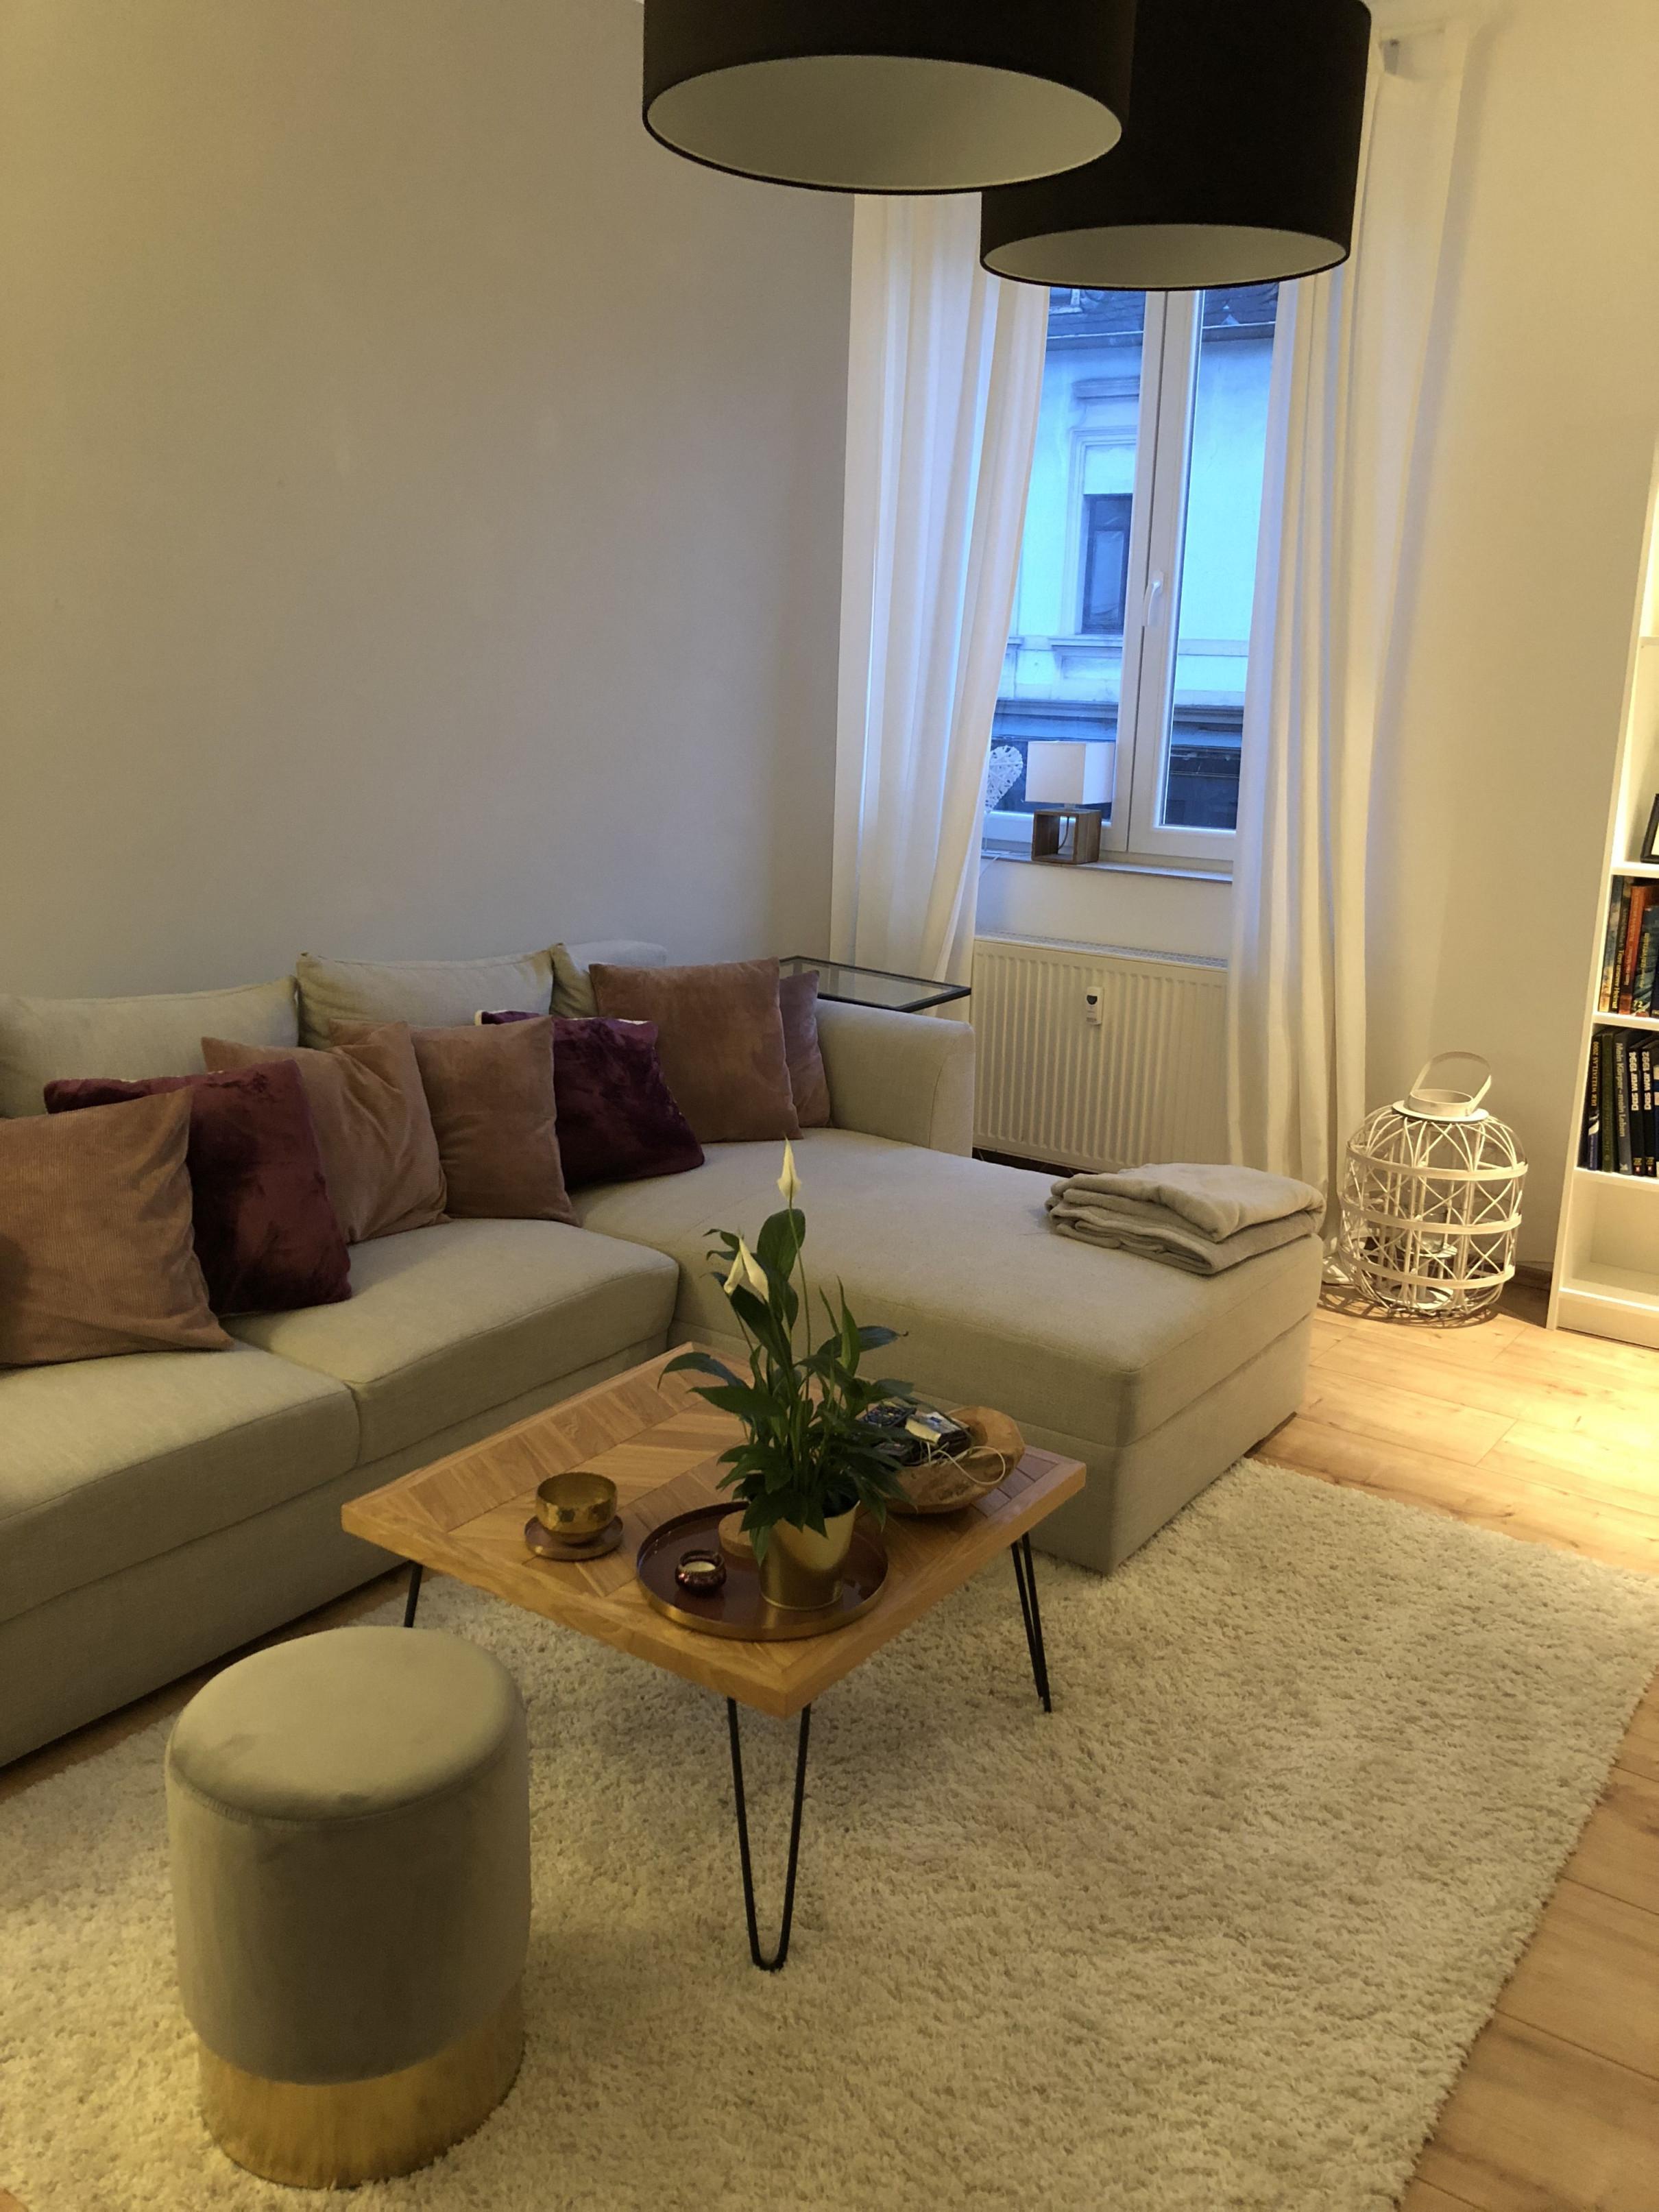 Wohnzimmer Rot Und Beeren Farben Mit Gold Dekoration Und von Deko Rot Wohnzimmer Bild